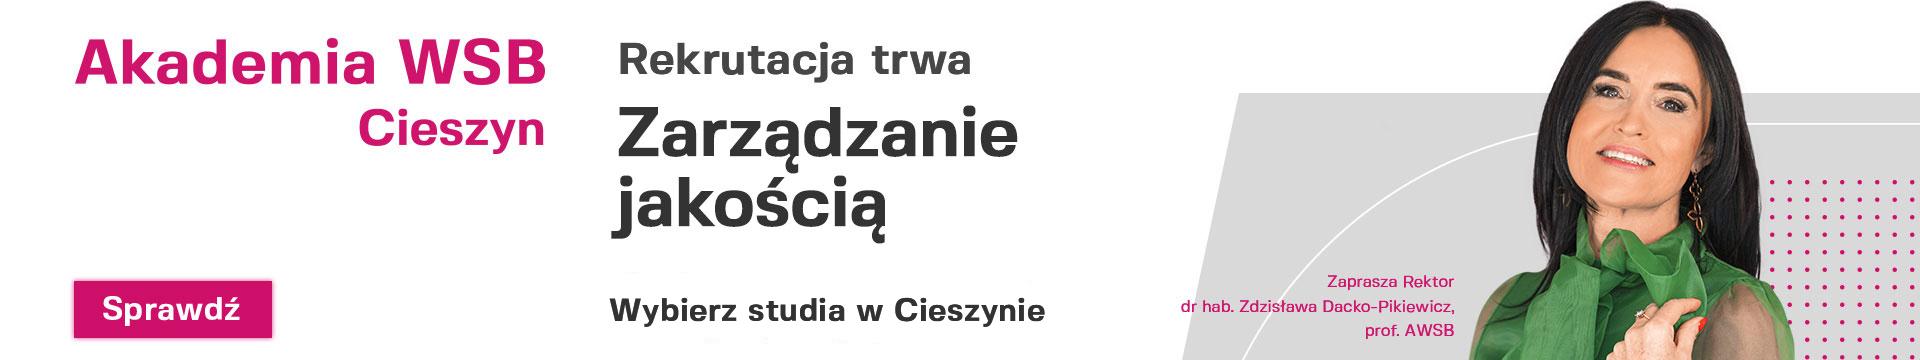 WSB_zarz_jak_d